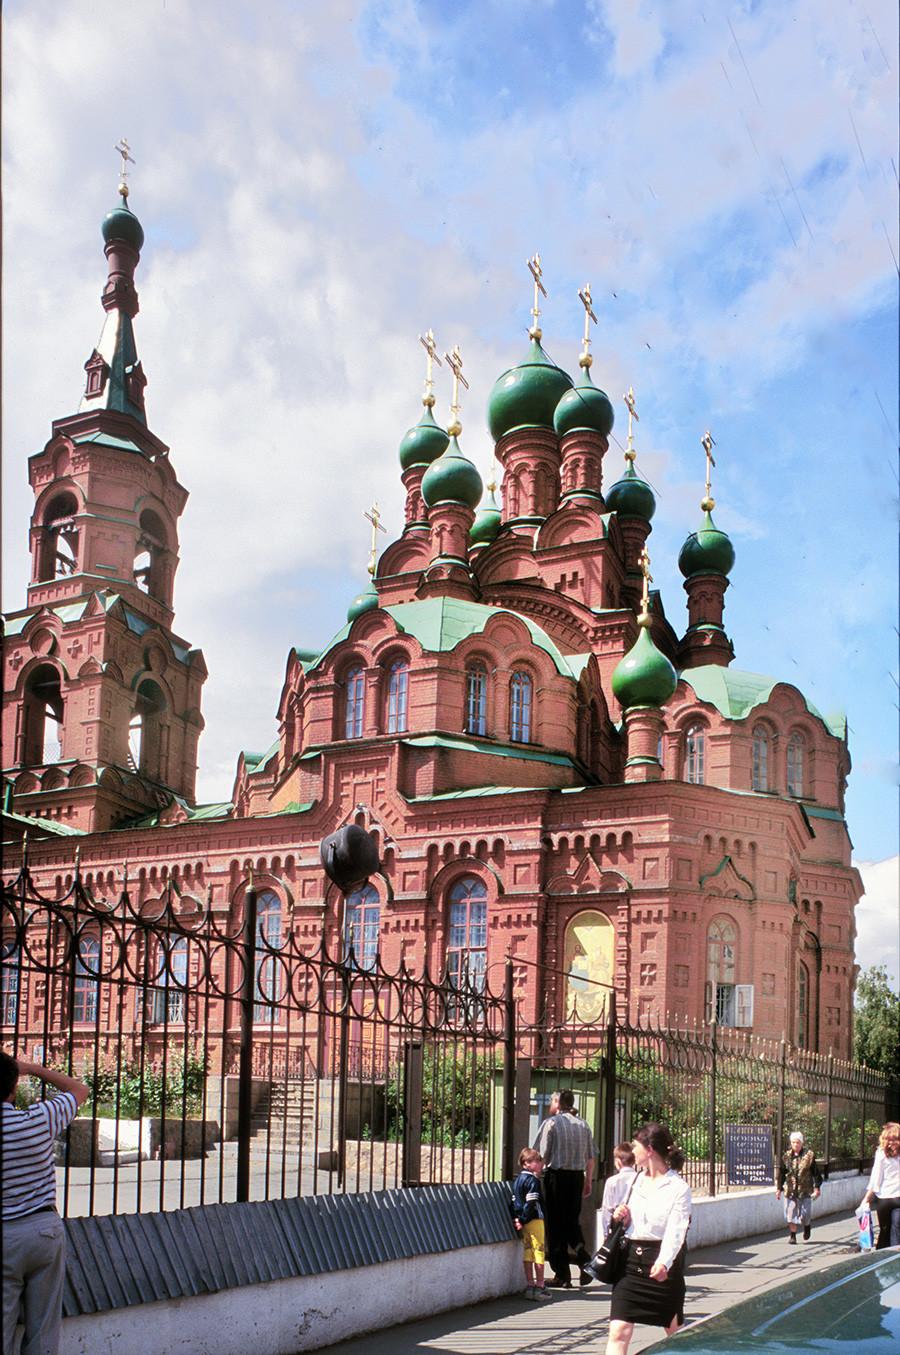 Cerkev sv. Trojice, južni pogled. Zgrajena leta 1909-14, zaprta leta 1929 in spremenjena v Pokrajinski zgodovinski muzej. Kot pravoslavna cerkev je ponovno začela delovati leta 1990, obnovljena je bila leta 1993. 23. julij 2003.